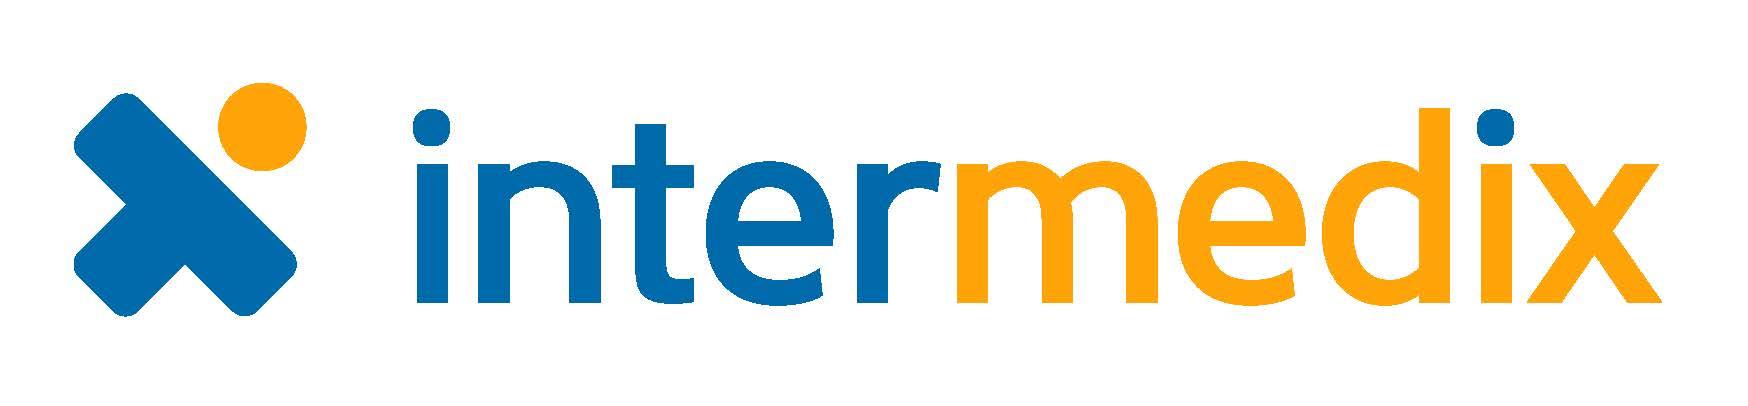 intermedix